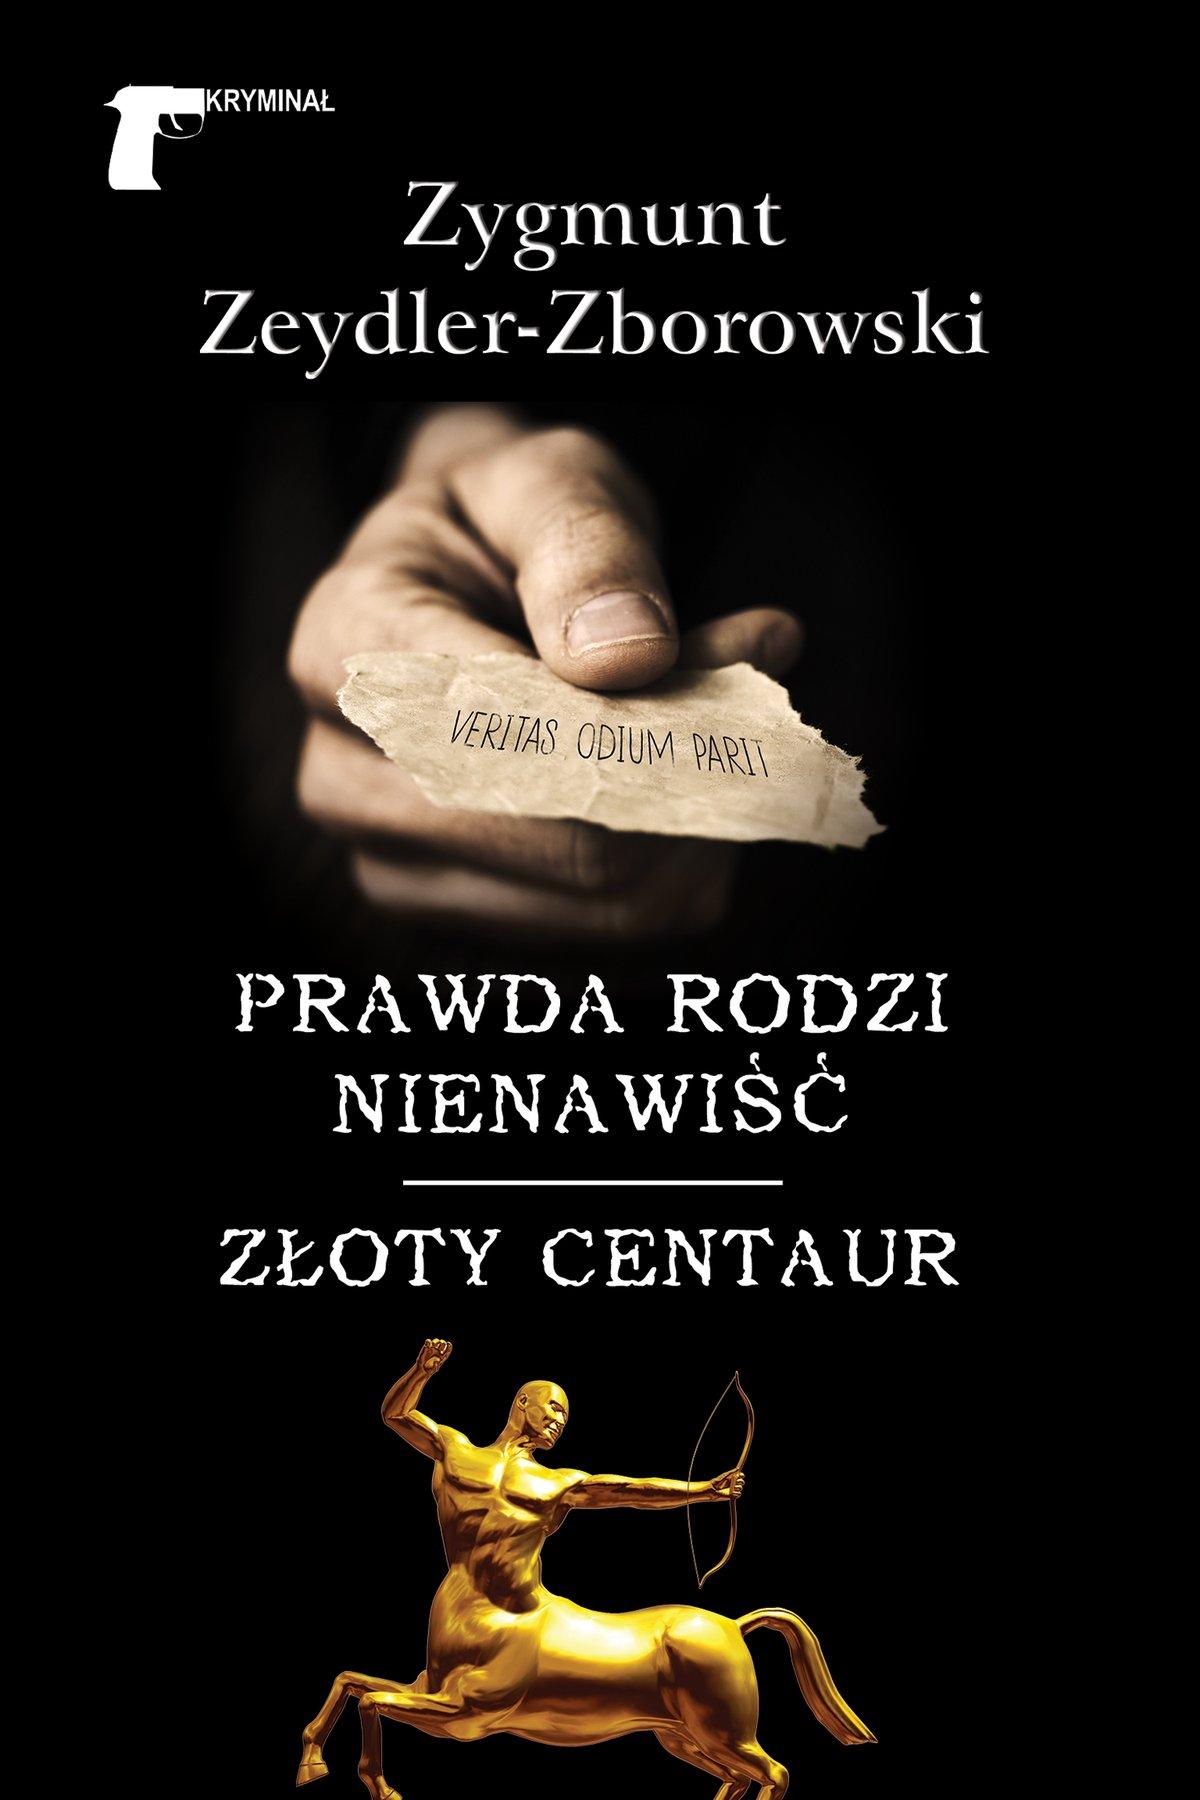 Prawda rodzi nienawiść / Złoty centaur - Ebook (Książka EPUB) do pobrania w formacie EPUB